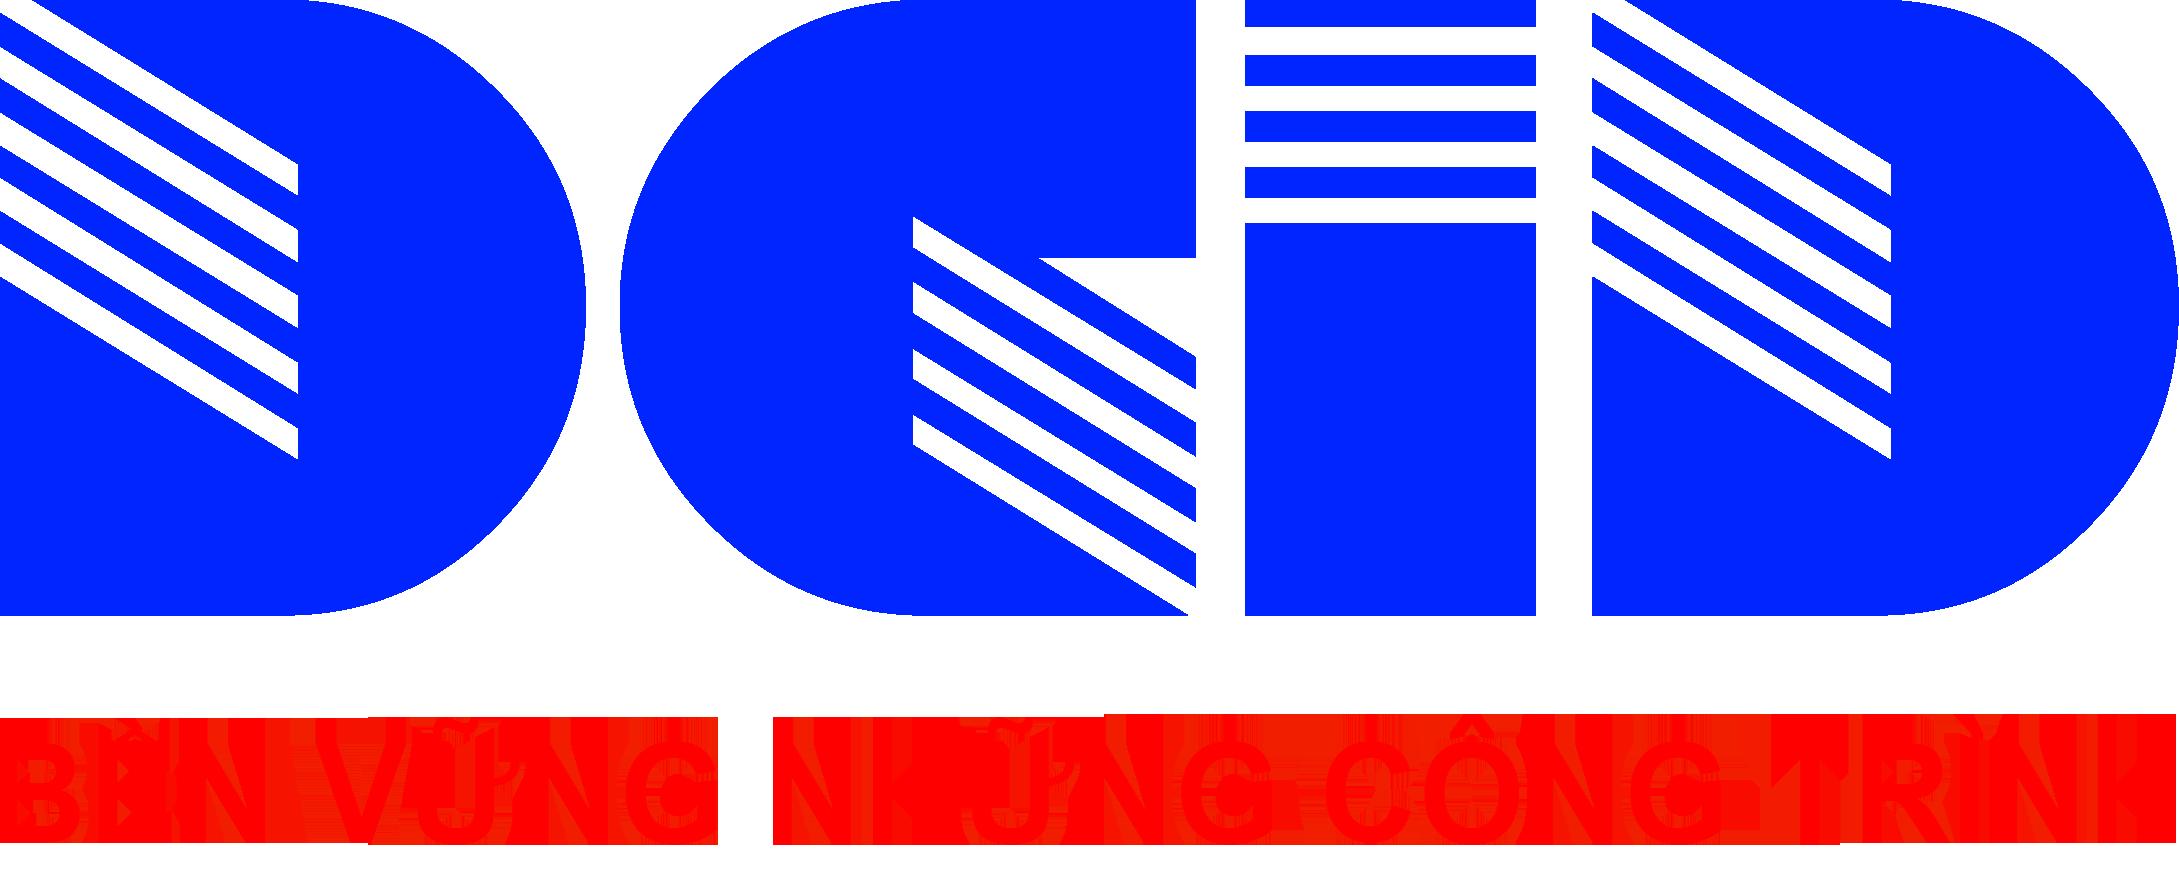 Công ty Cổ phần Xây Dựng và Phát Triển Hạ tầng Đà Nẵng